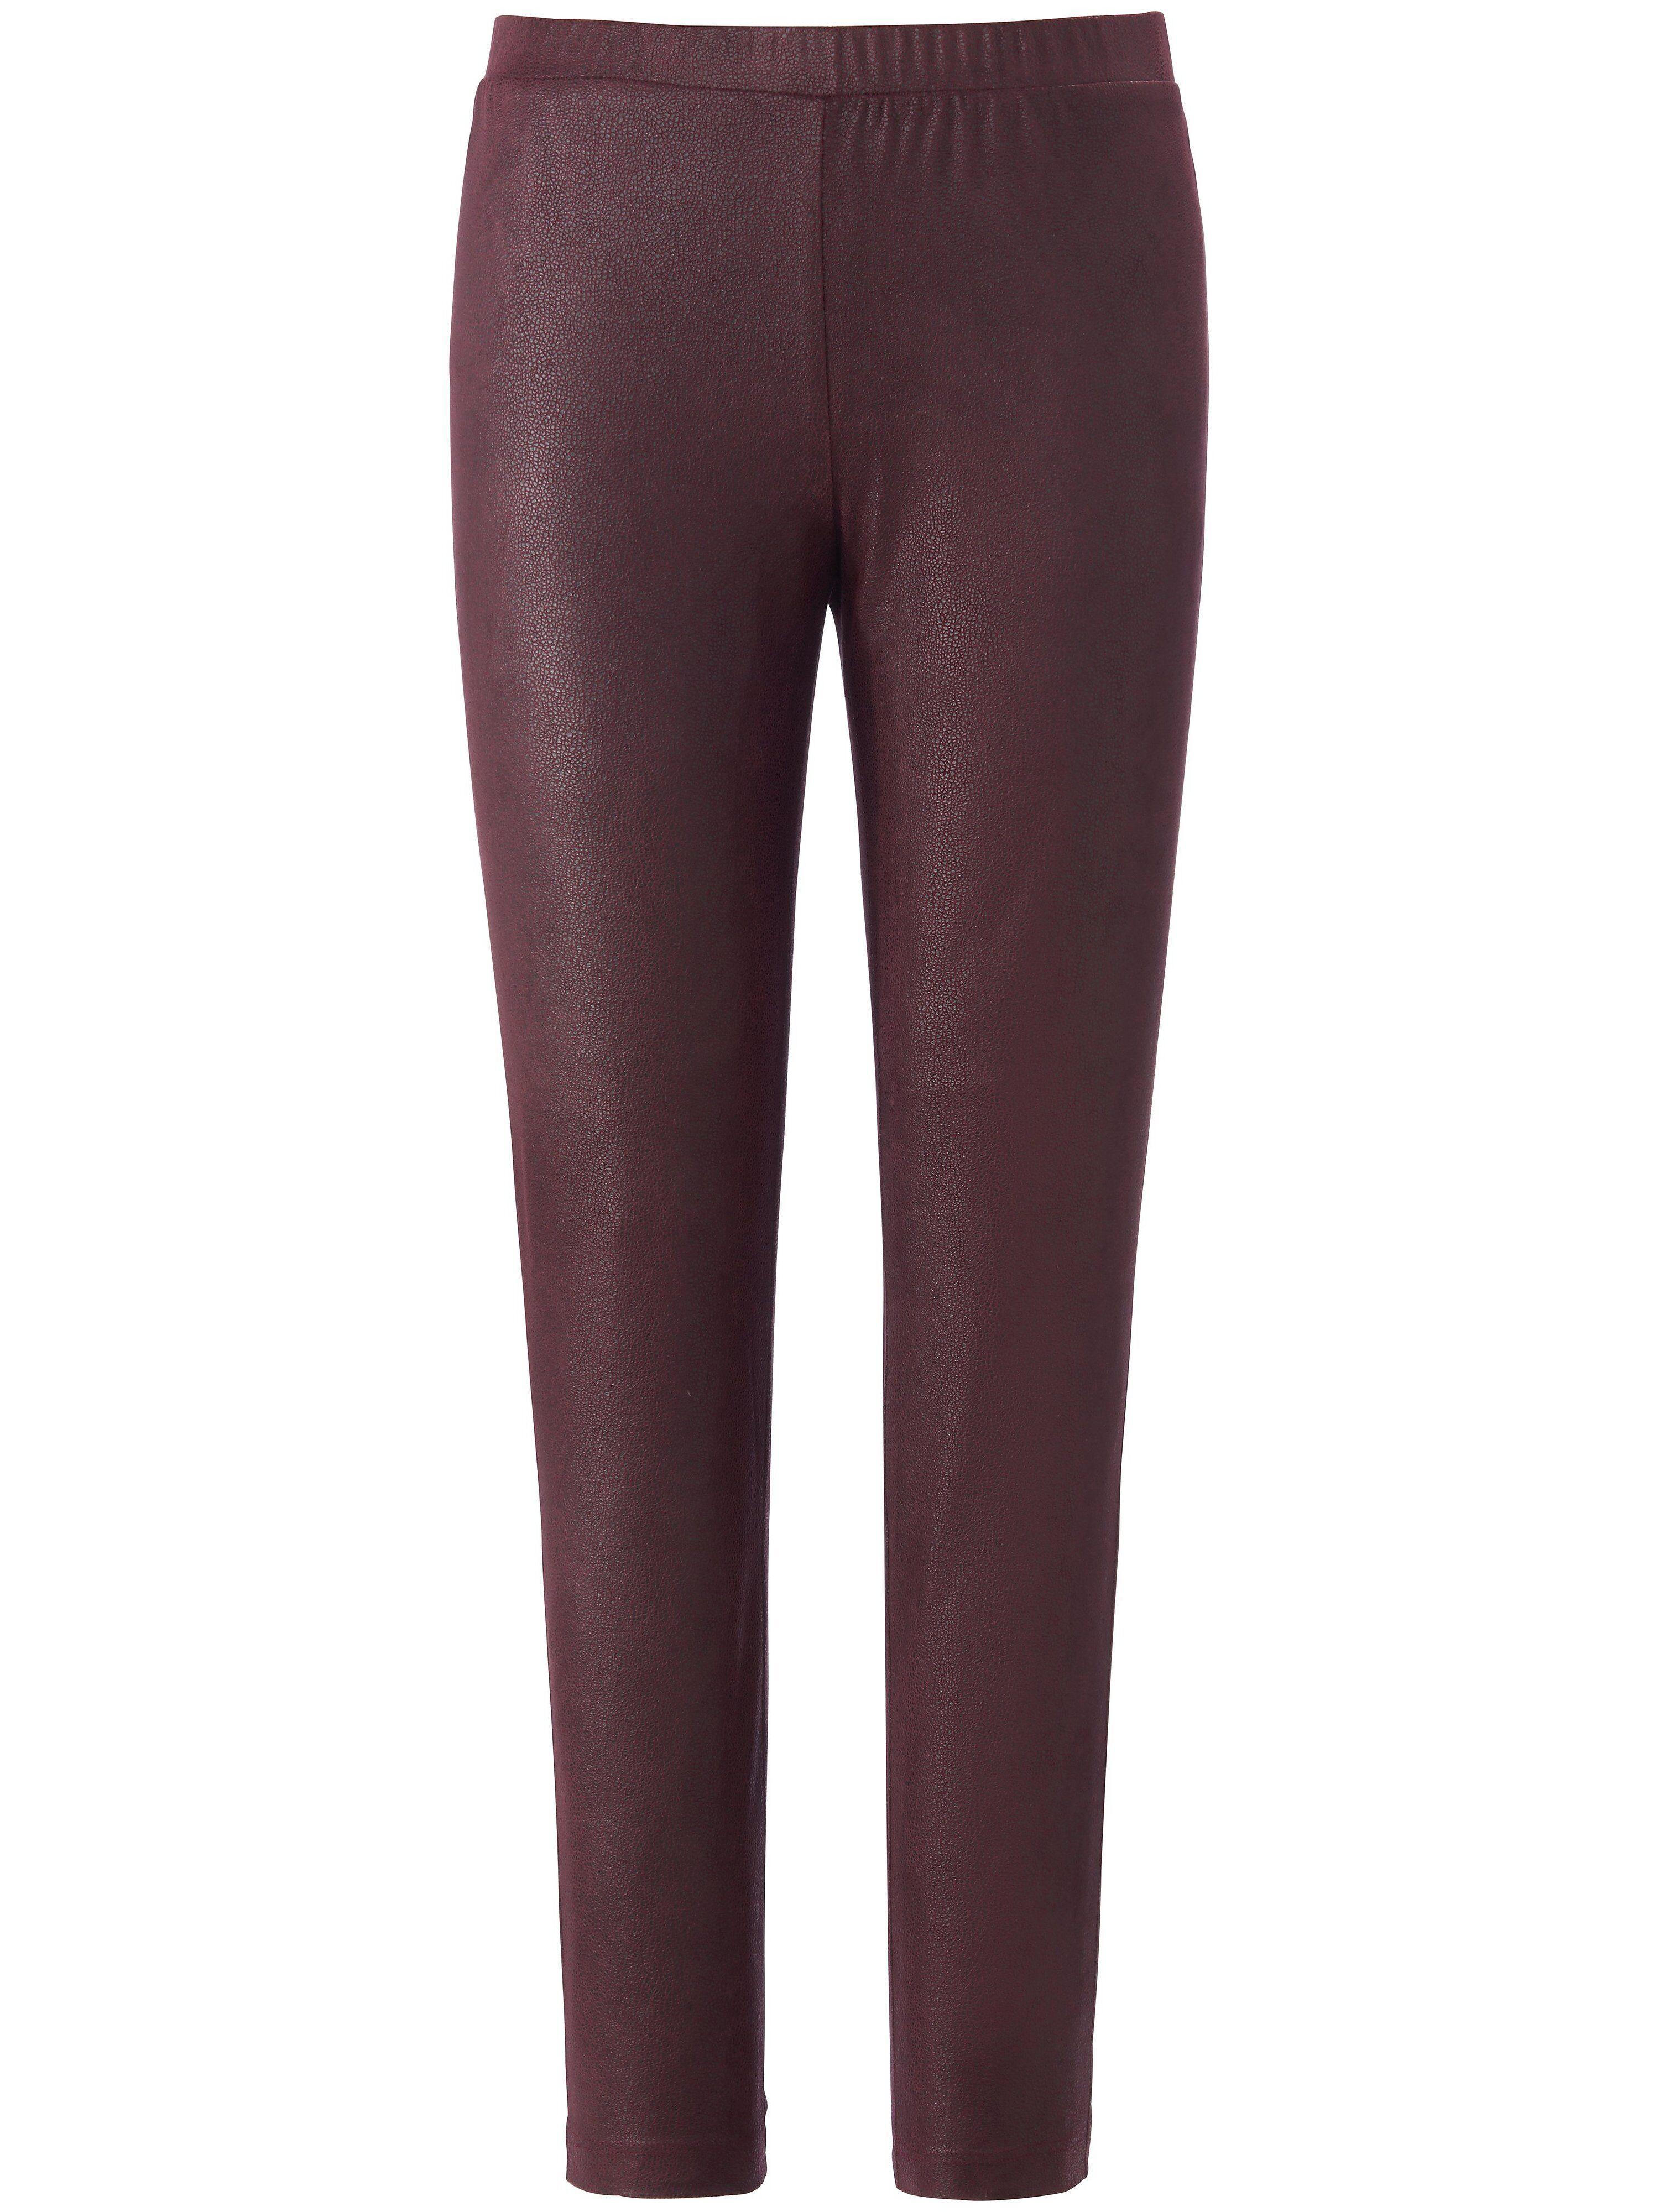 Emilia Lay Le pantalon en synthétique ligne slim  Emilia Lay mauve  - Femme - 48